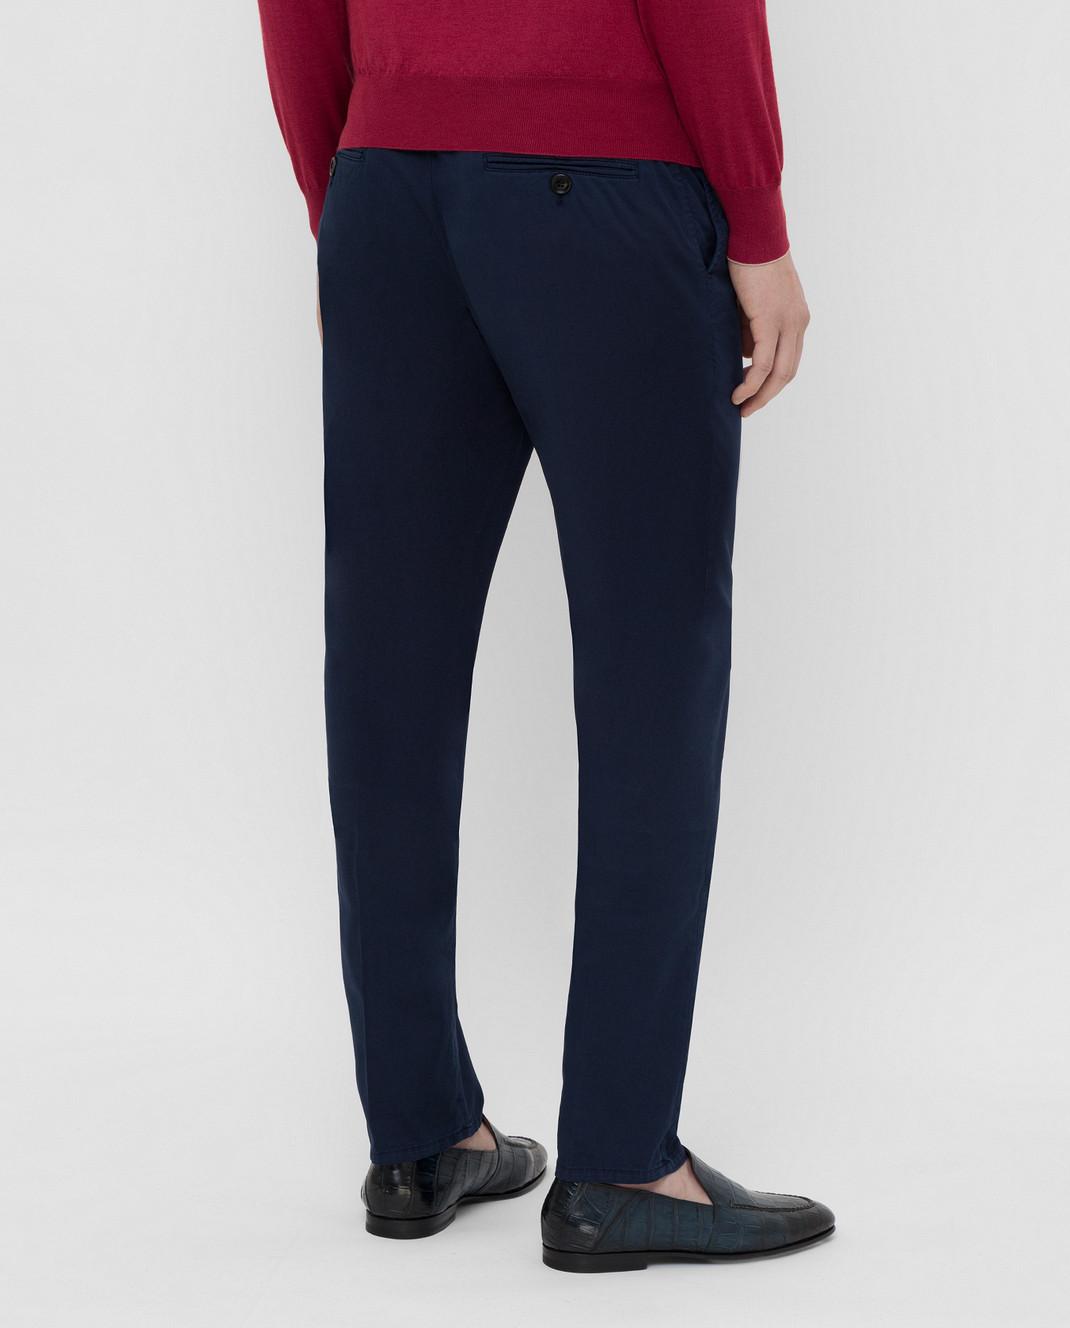 Brunello Cucinelli Темно-синие брюки с карманами M289LT1150 изображение 4